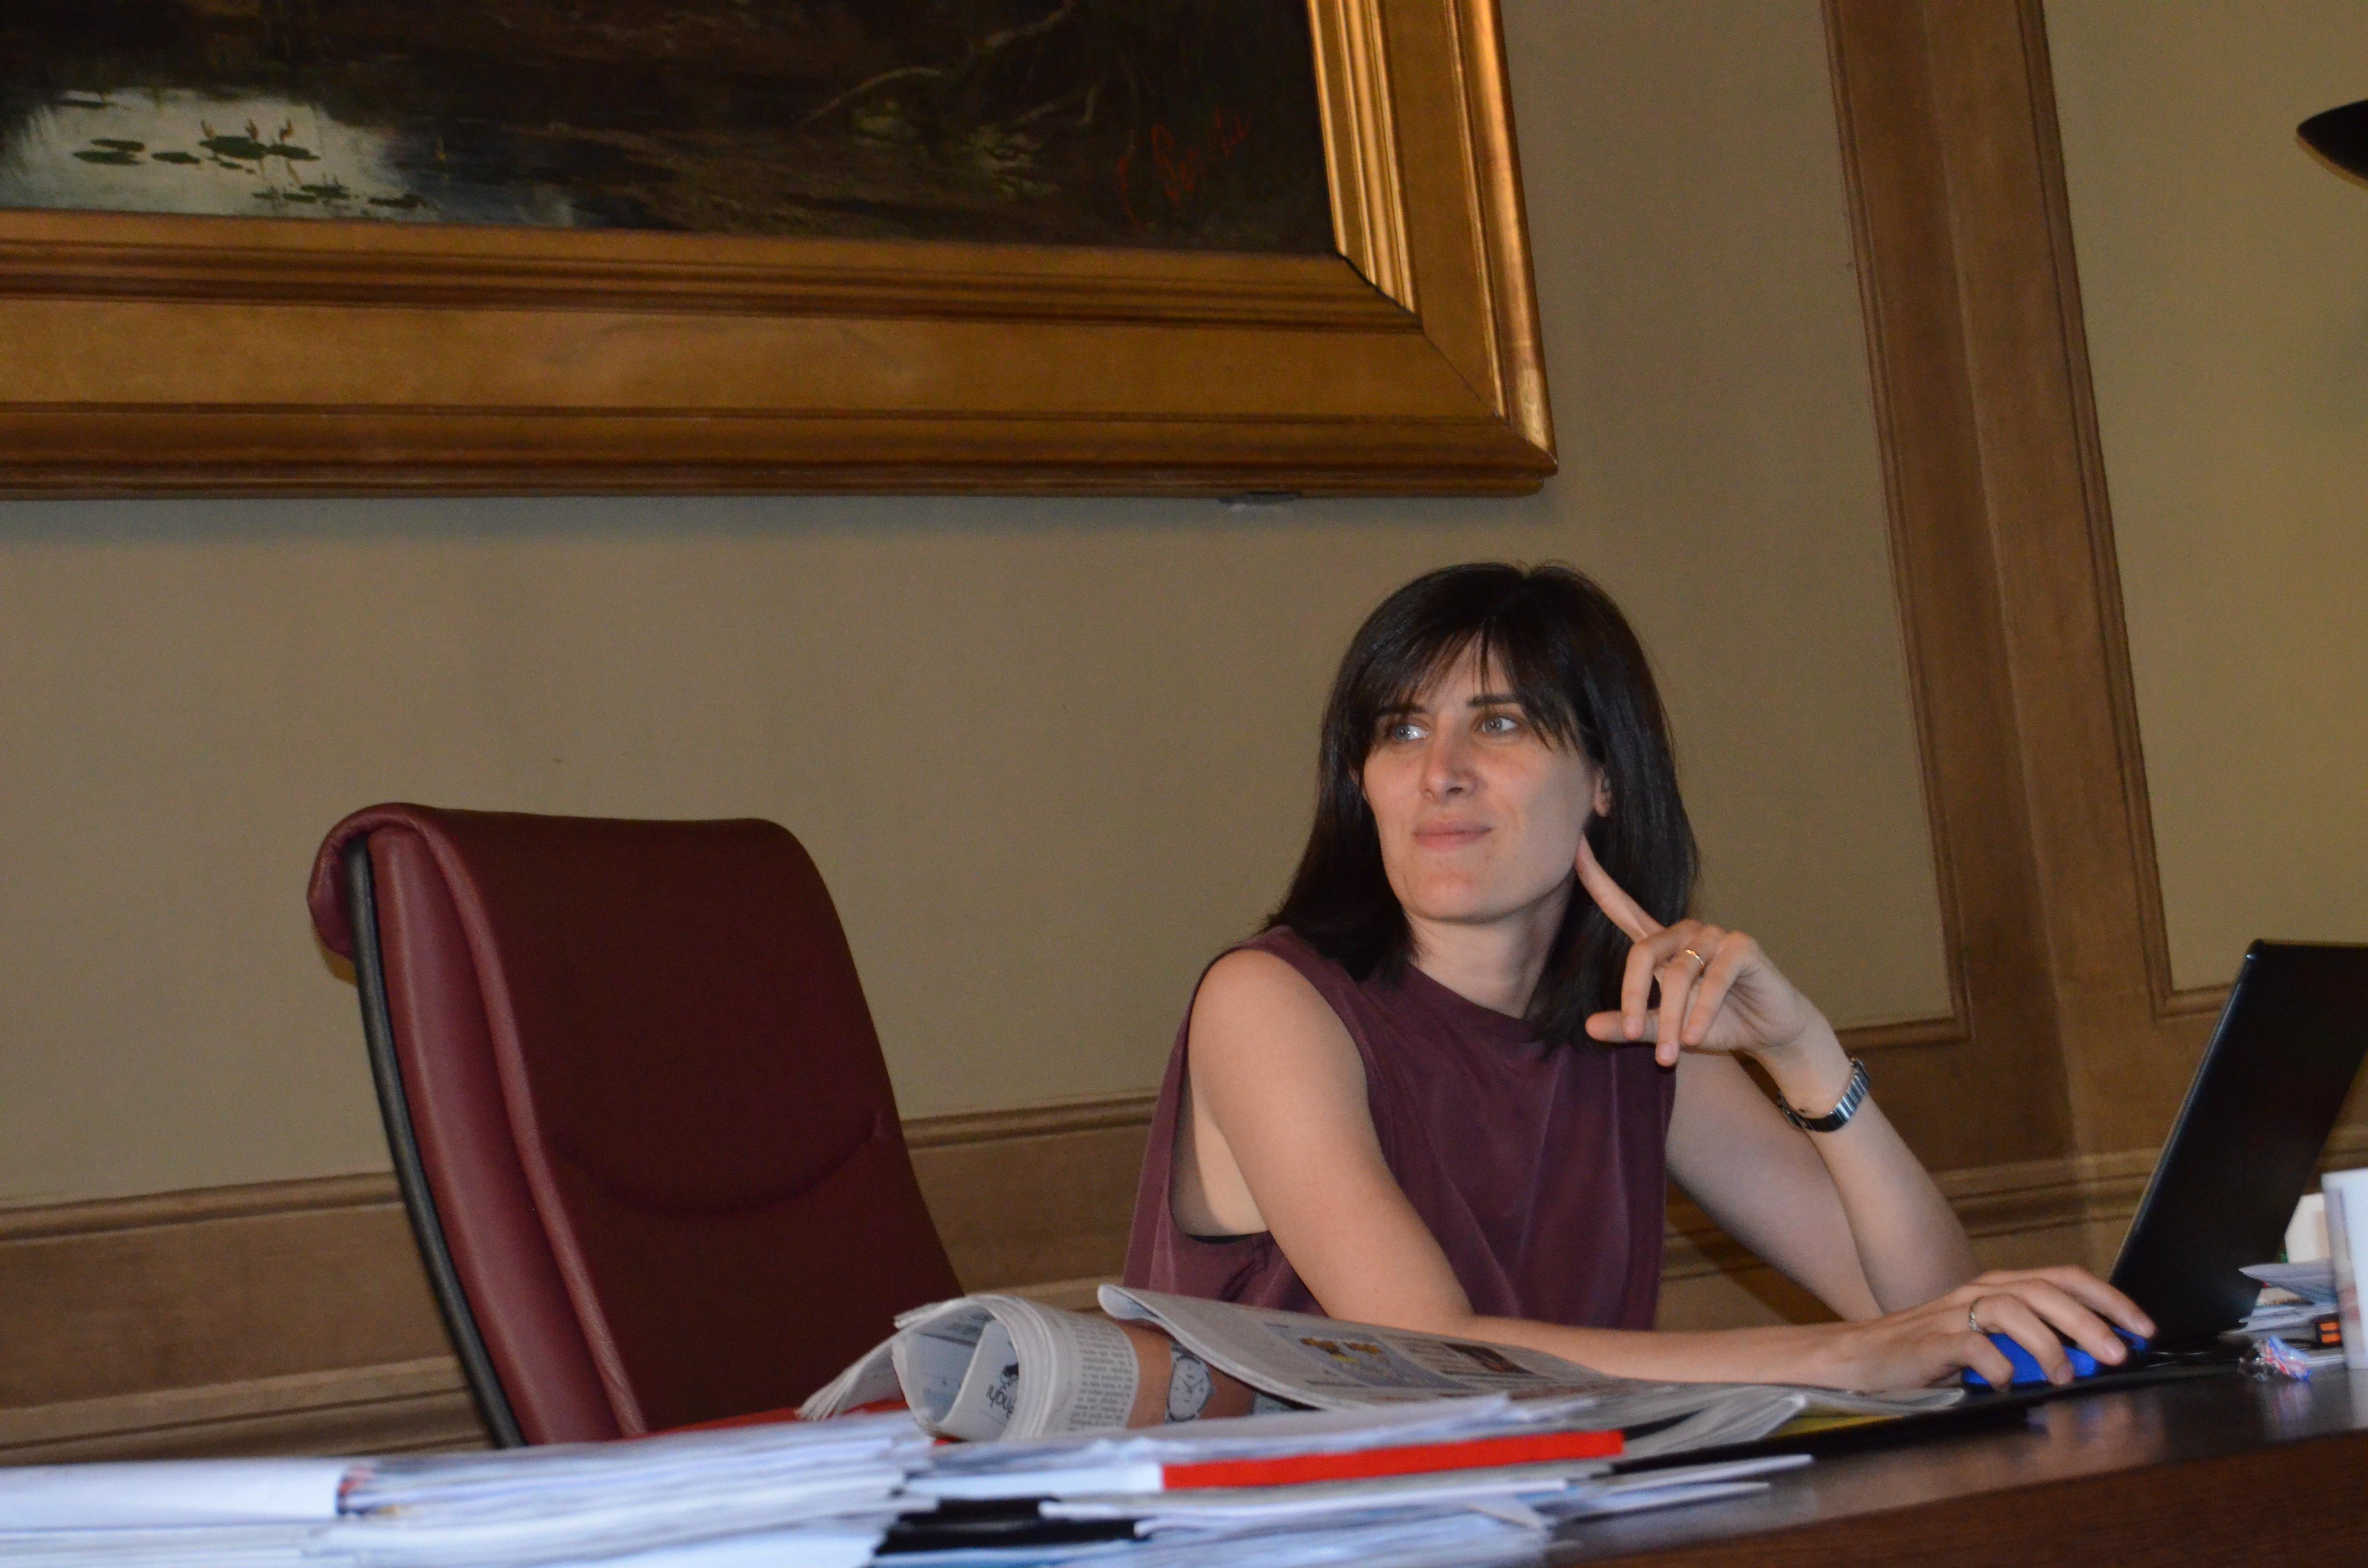 Nuovi fondi per il bilancio - Chiara Appendino al lavoro nel suo ufficio